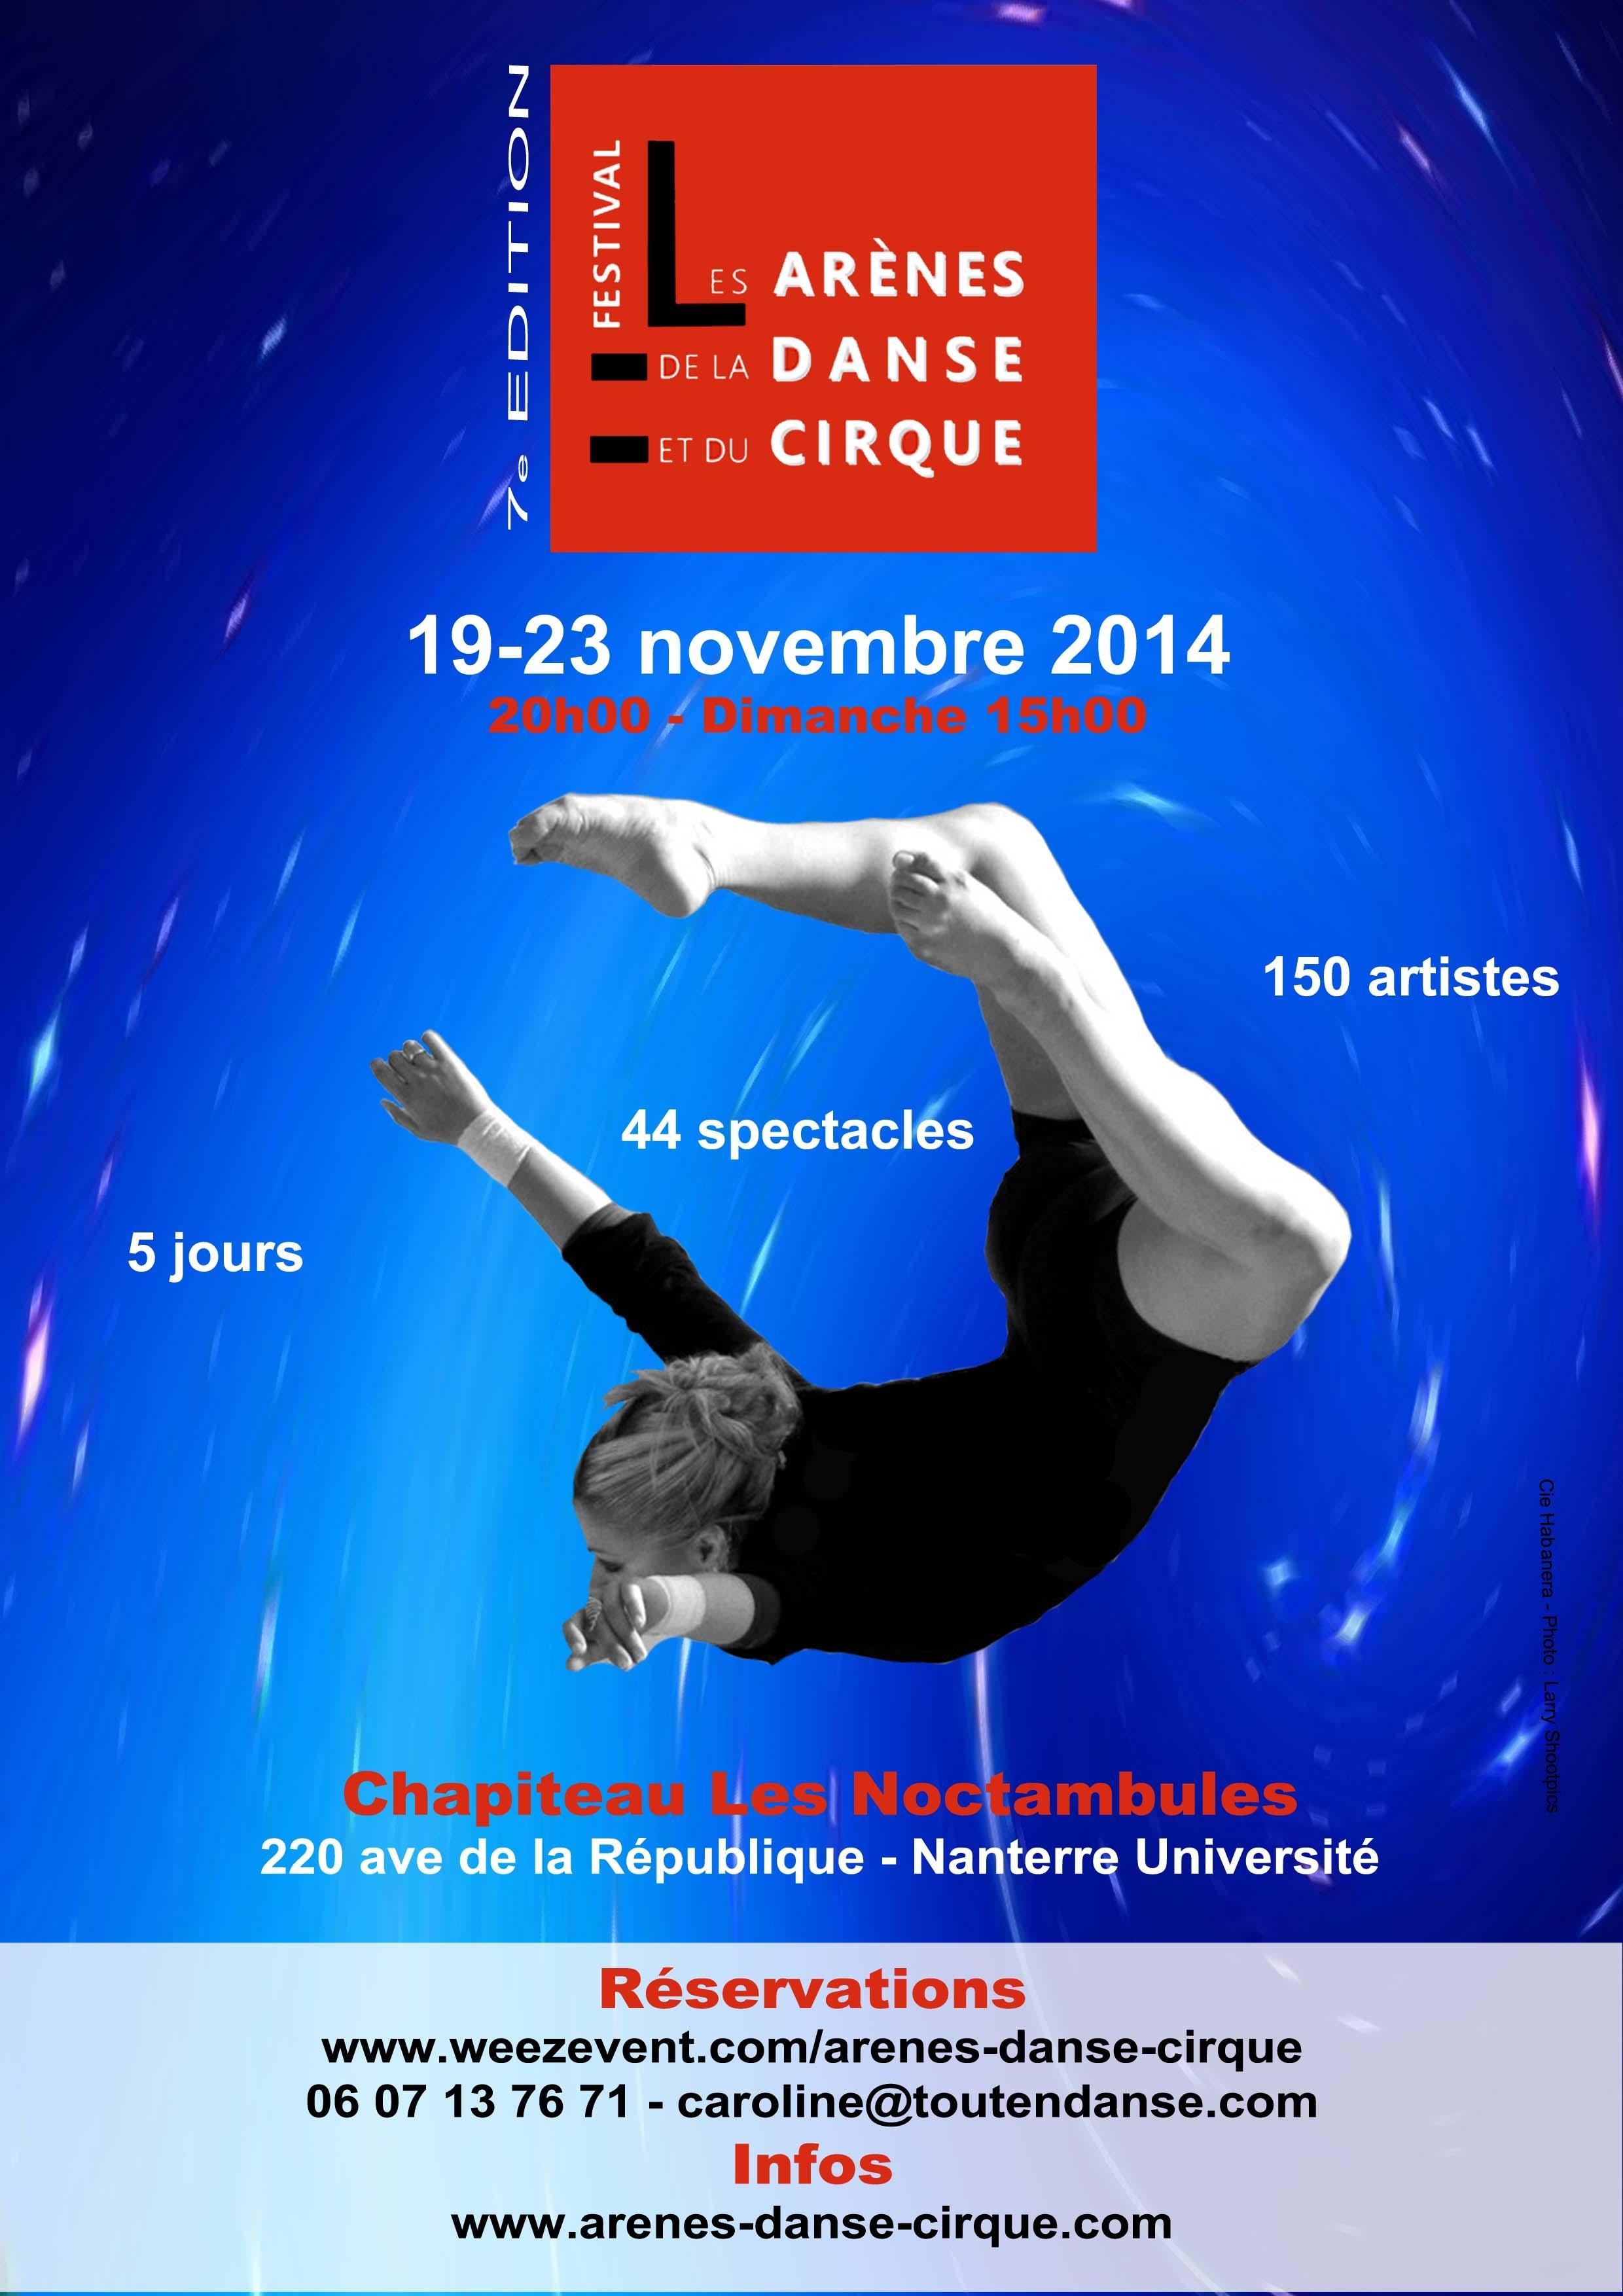 affiche-festival-2014-centre-bandeau-chap-int-a2-et-a1.jpg